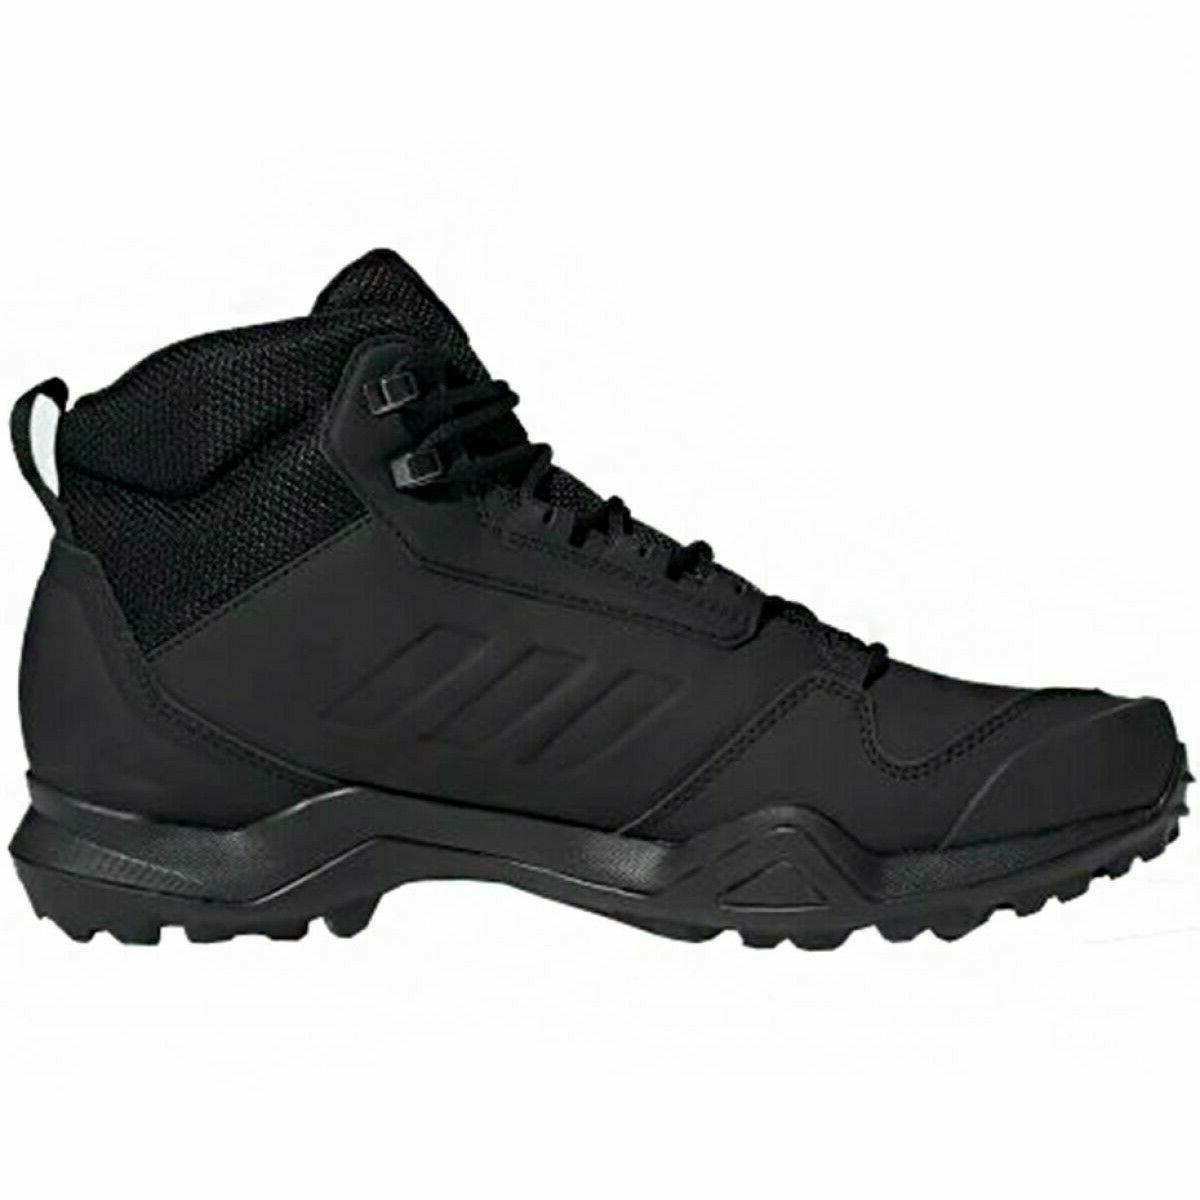 Adidas Beta Mid Climawarm Hiking Boots NIB